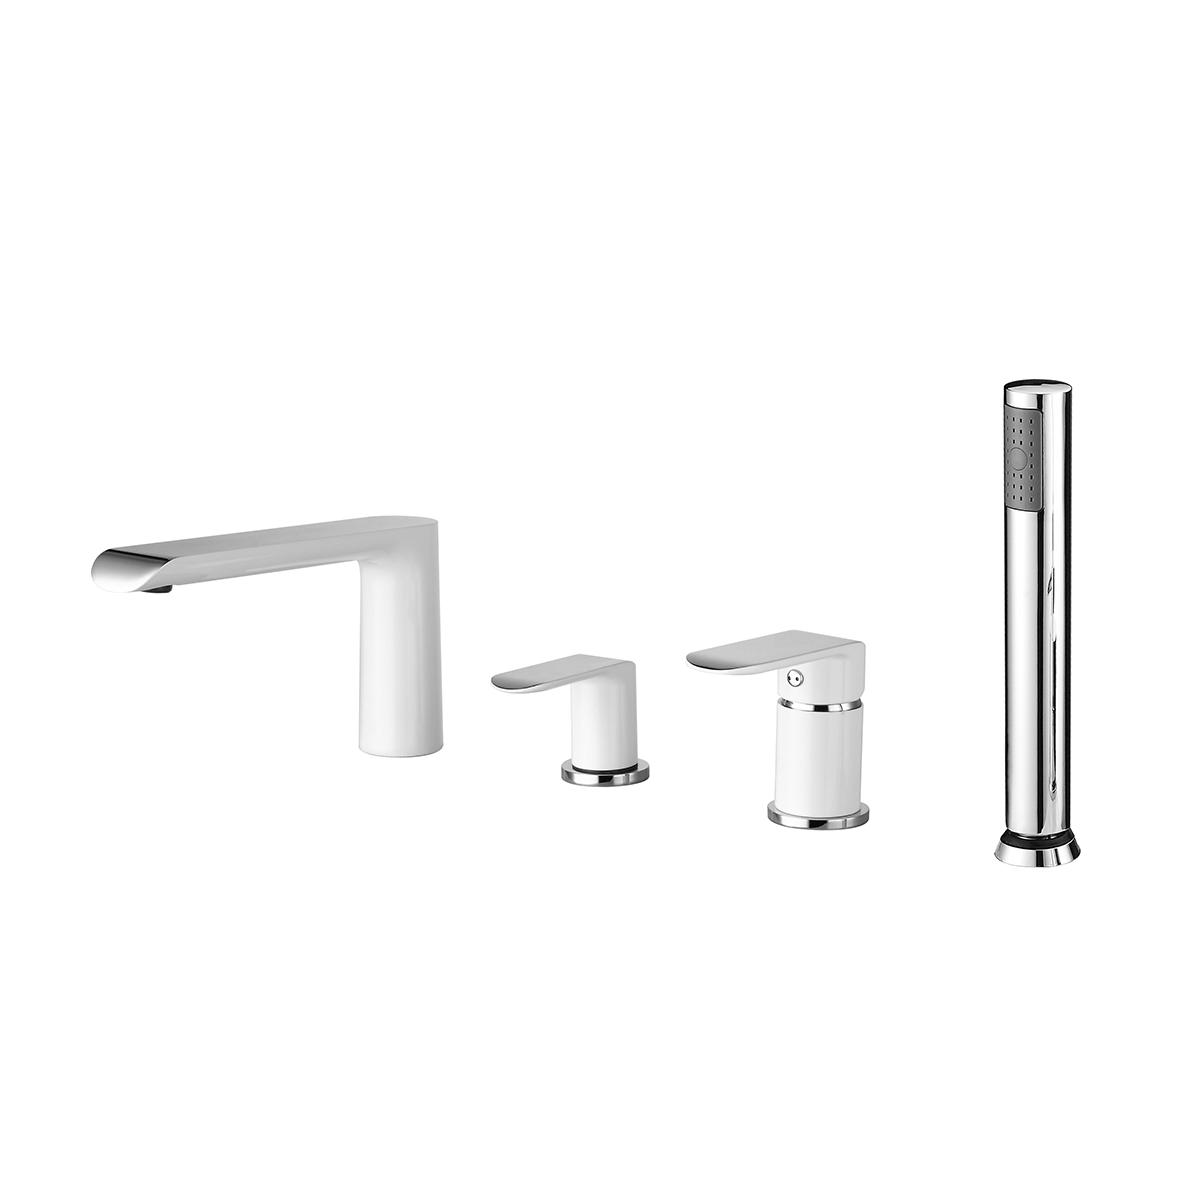 Змішувач для ванни врізний (на 4 відчини) хром/білий 43128141W IVEN Devit